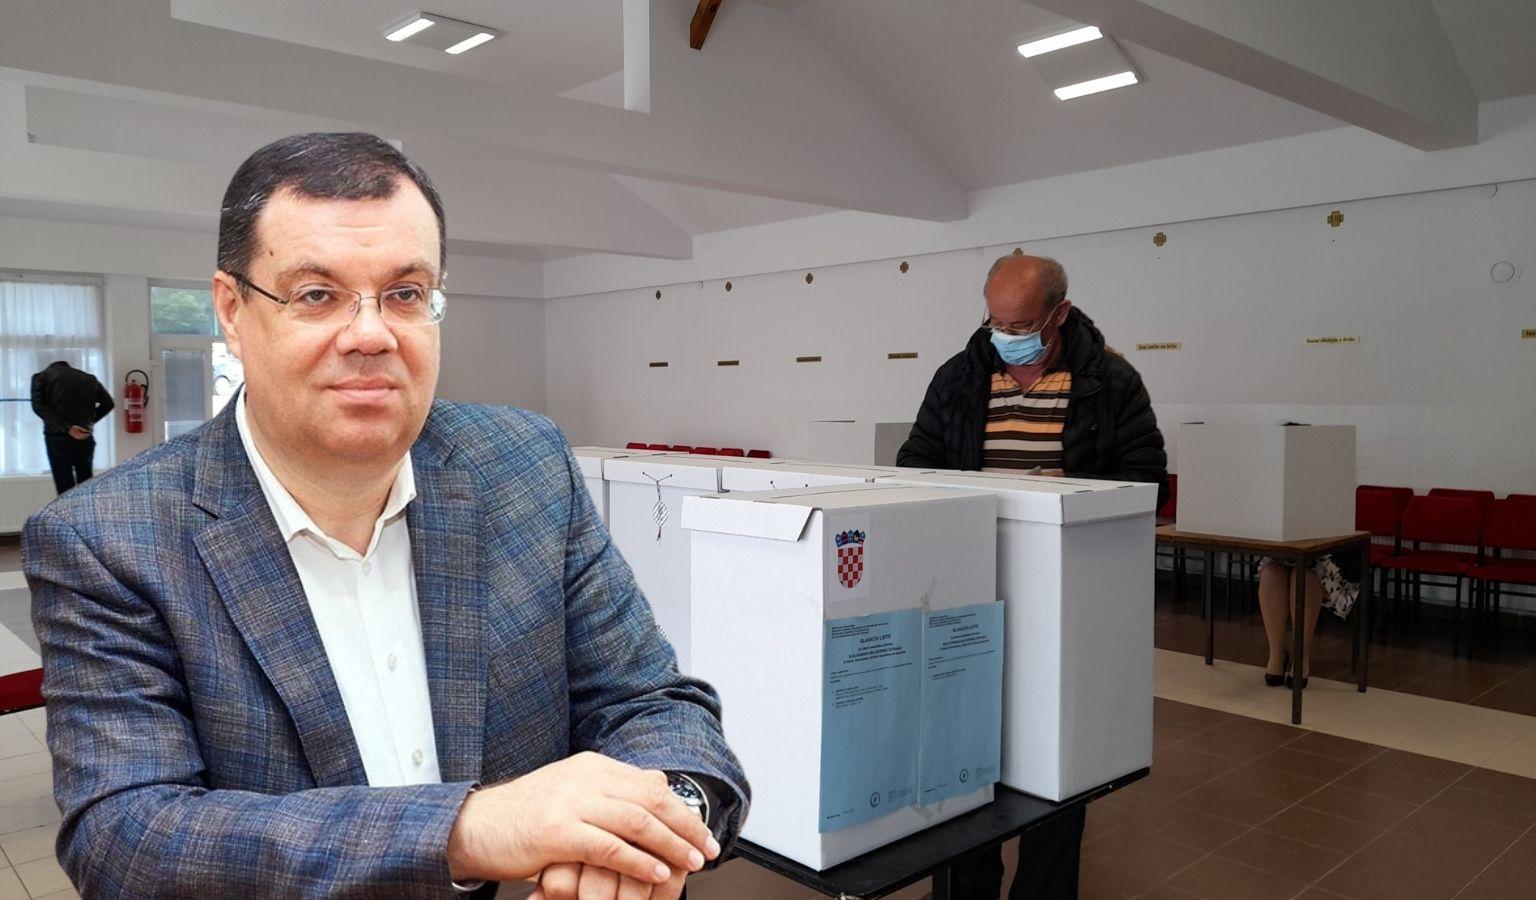 Bajs u proračunu nije planirao drugi krug izbora (!?), bez pomoći države BBŽ ide u bankrot